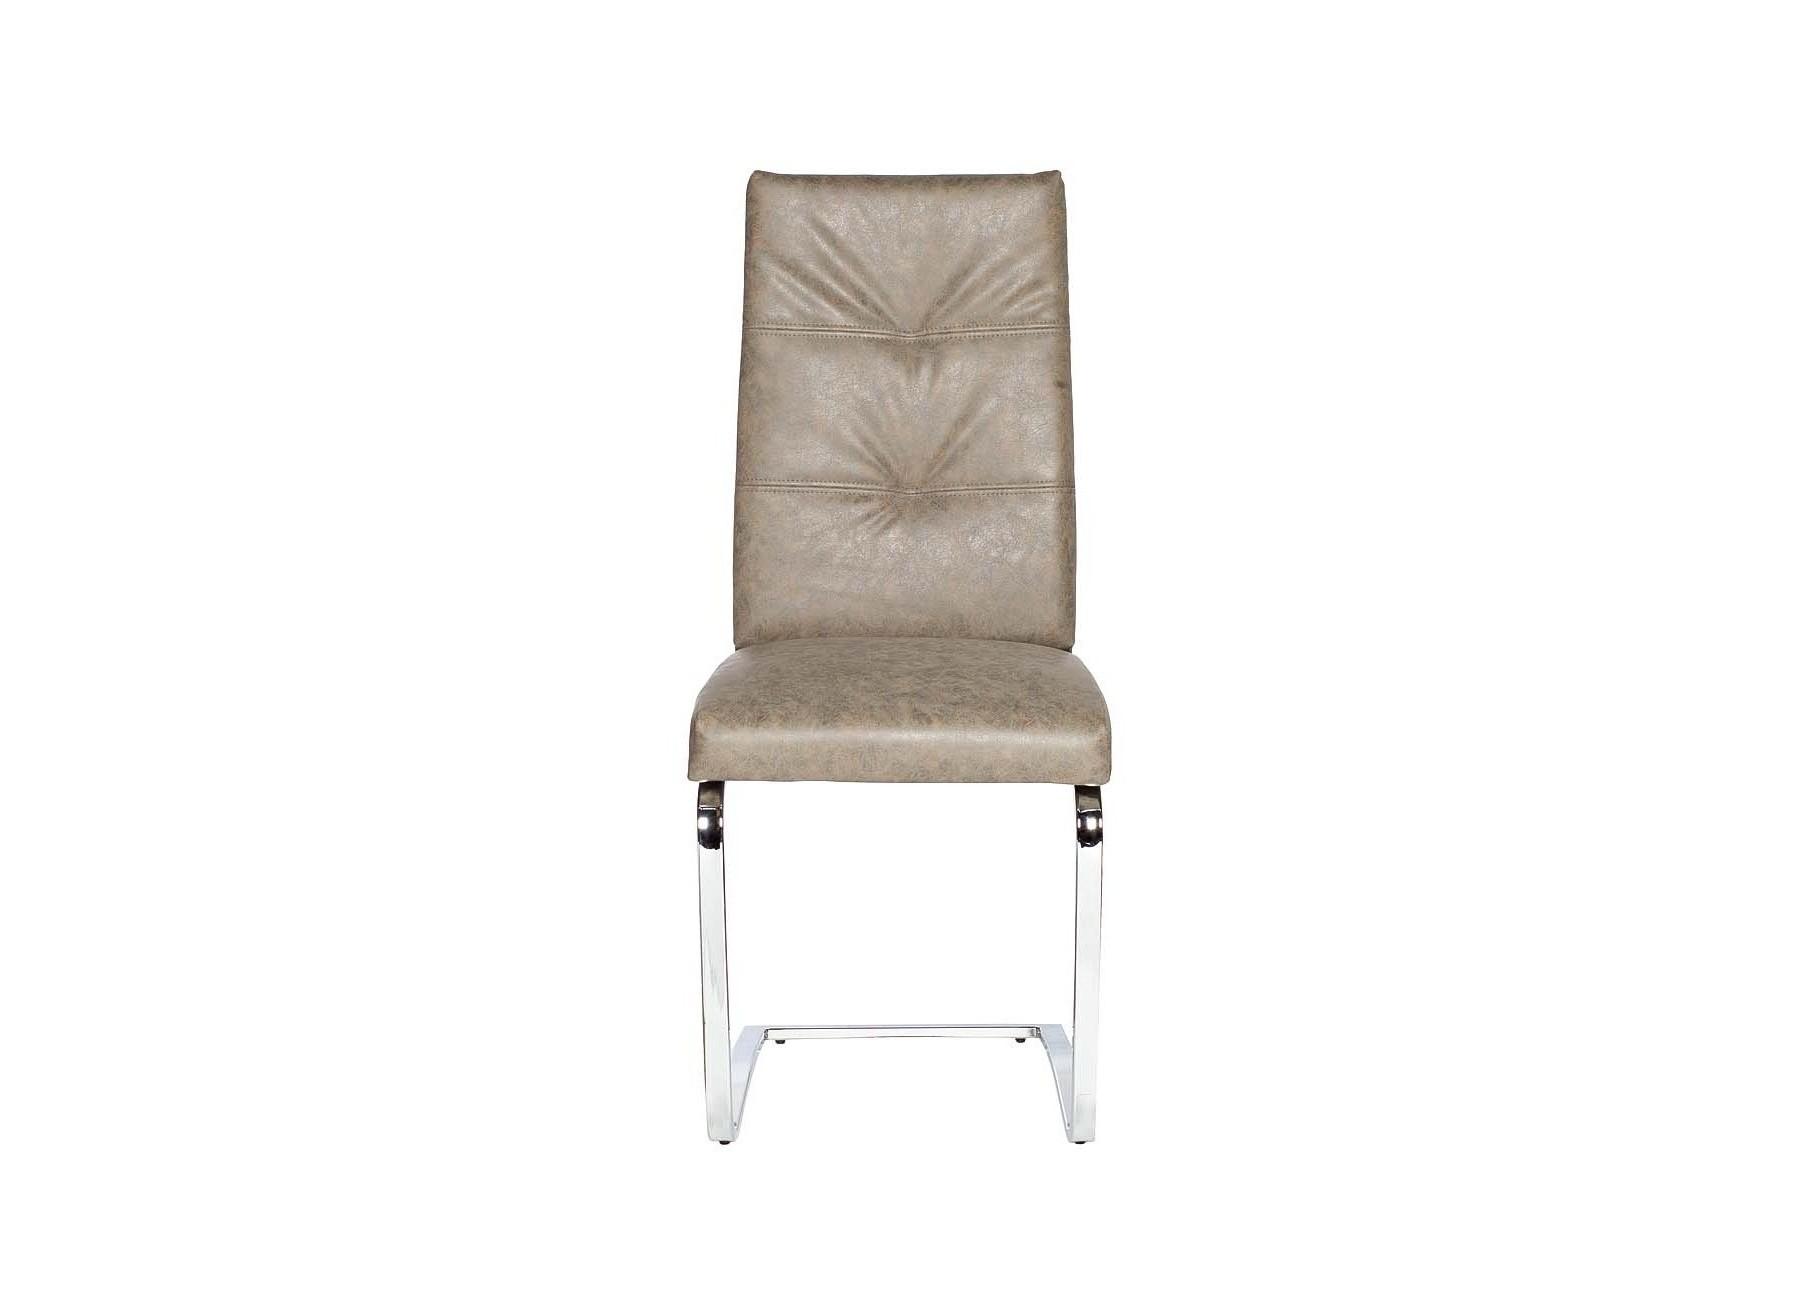 СтулОбеденные стулья<br><br><br>Material: Экокожа<br>Ширина см: 47<br>Высота см: 103<br>Глубина см: 64